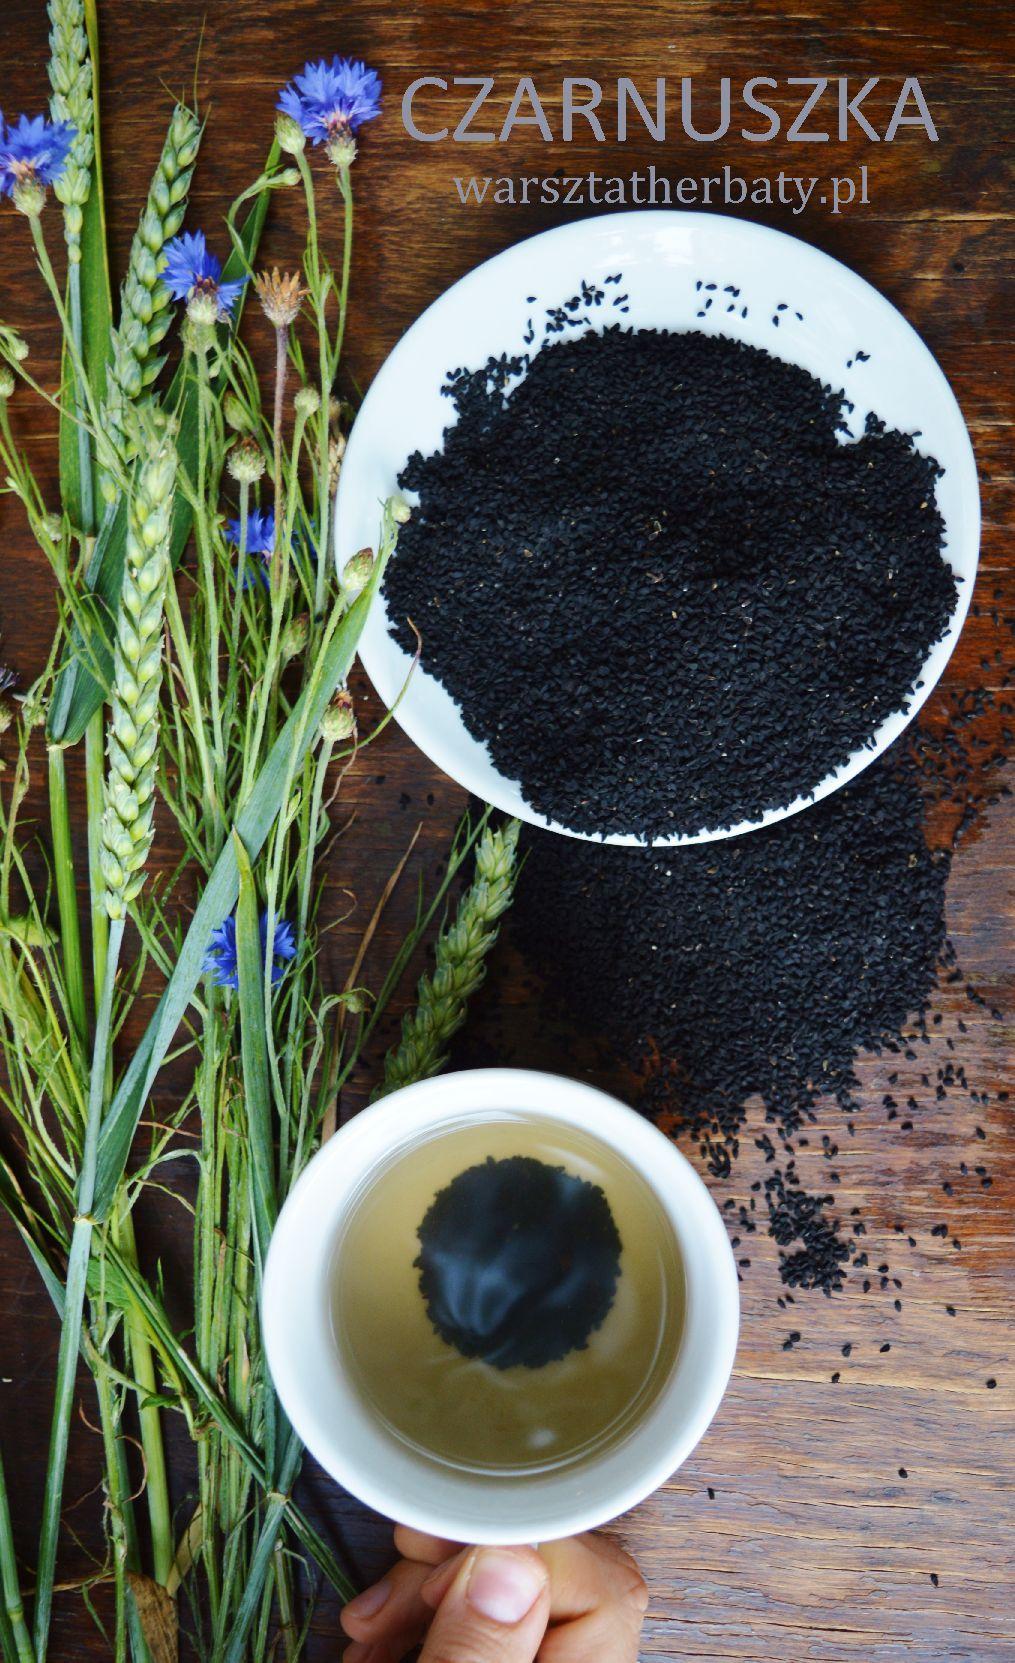 Czarnuszka - Warsztat Herbaty Wyczerpujące informacje o przyprawie, jakie ma właściwości i jak jej używać. http://warsztatherbaty.pl/content/40-czarnuszka